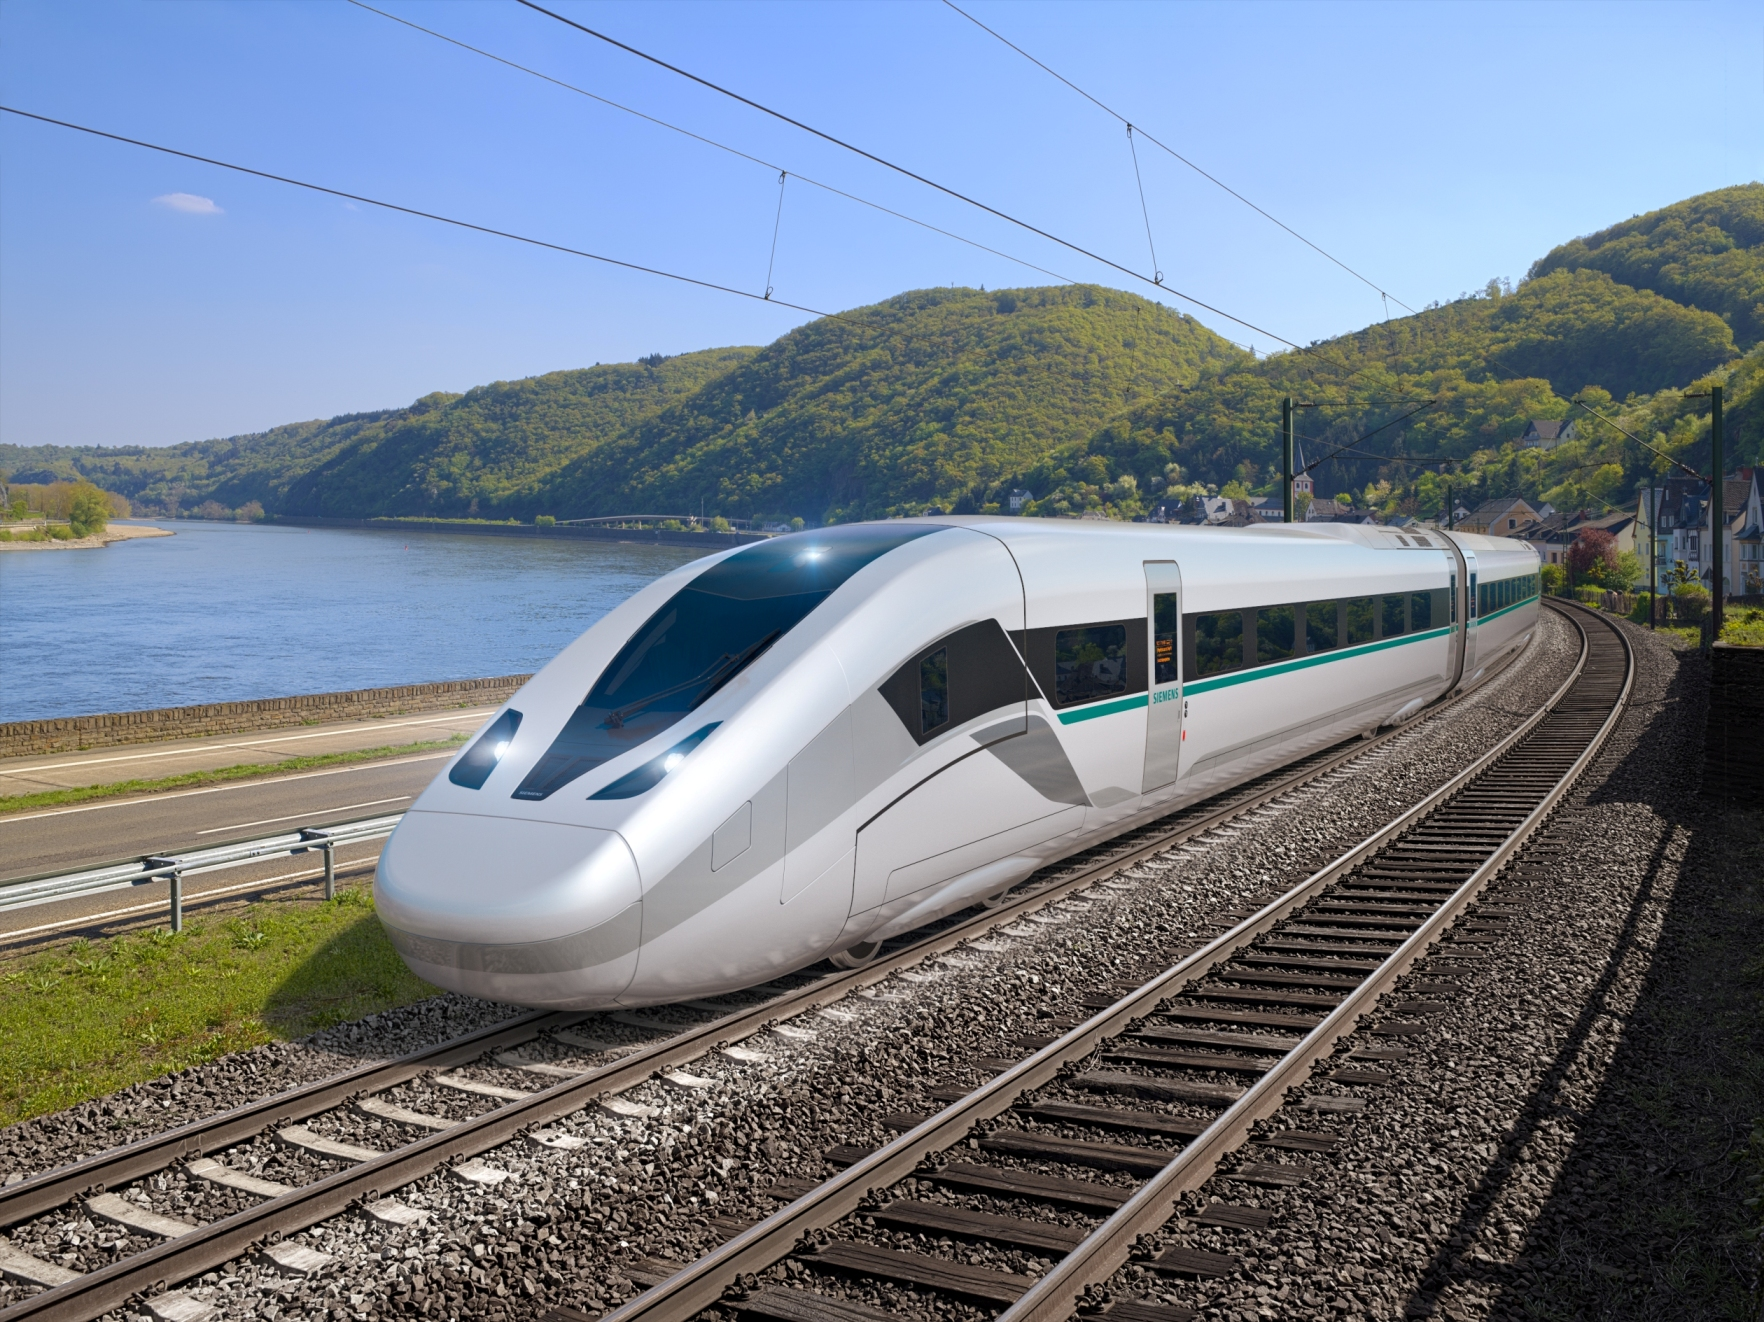 Po pięciu latach prac projektowych Siemens prezentuje nową generację pociągu Velaro Novo